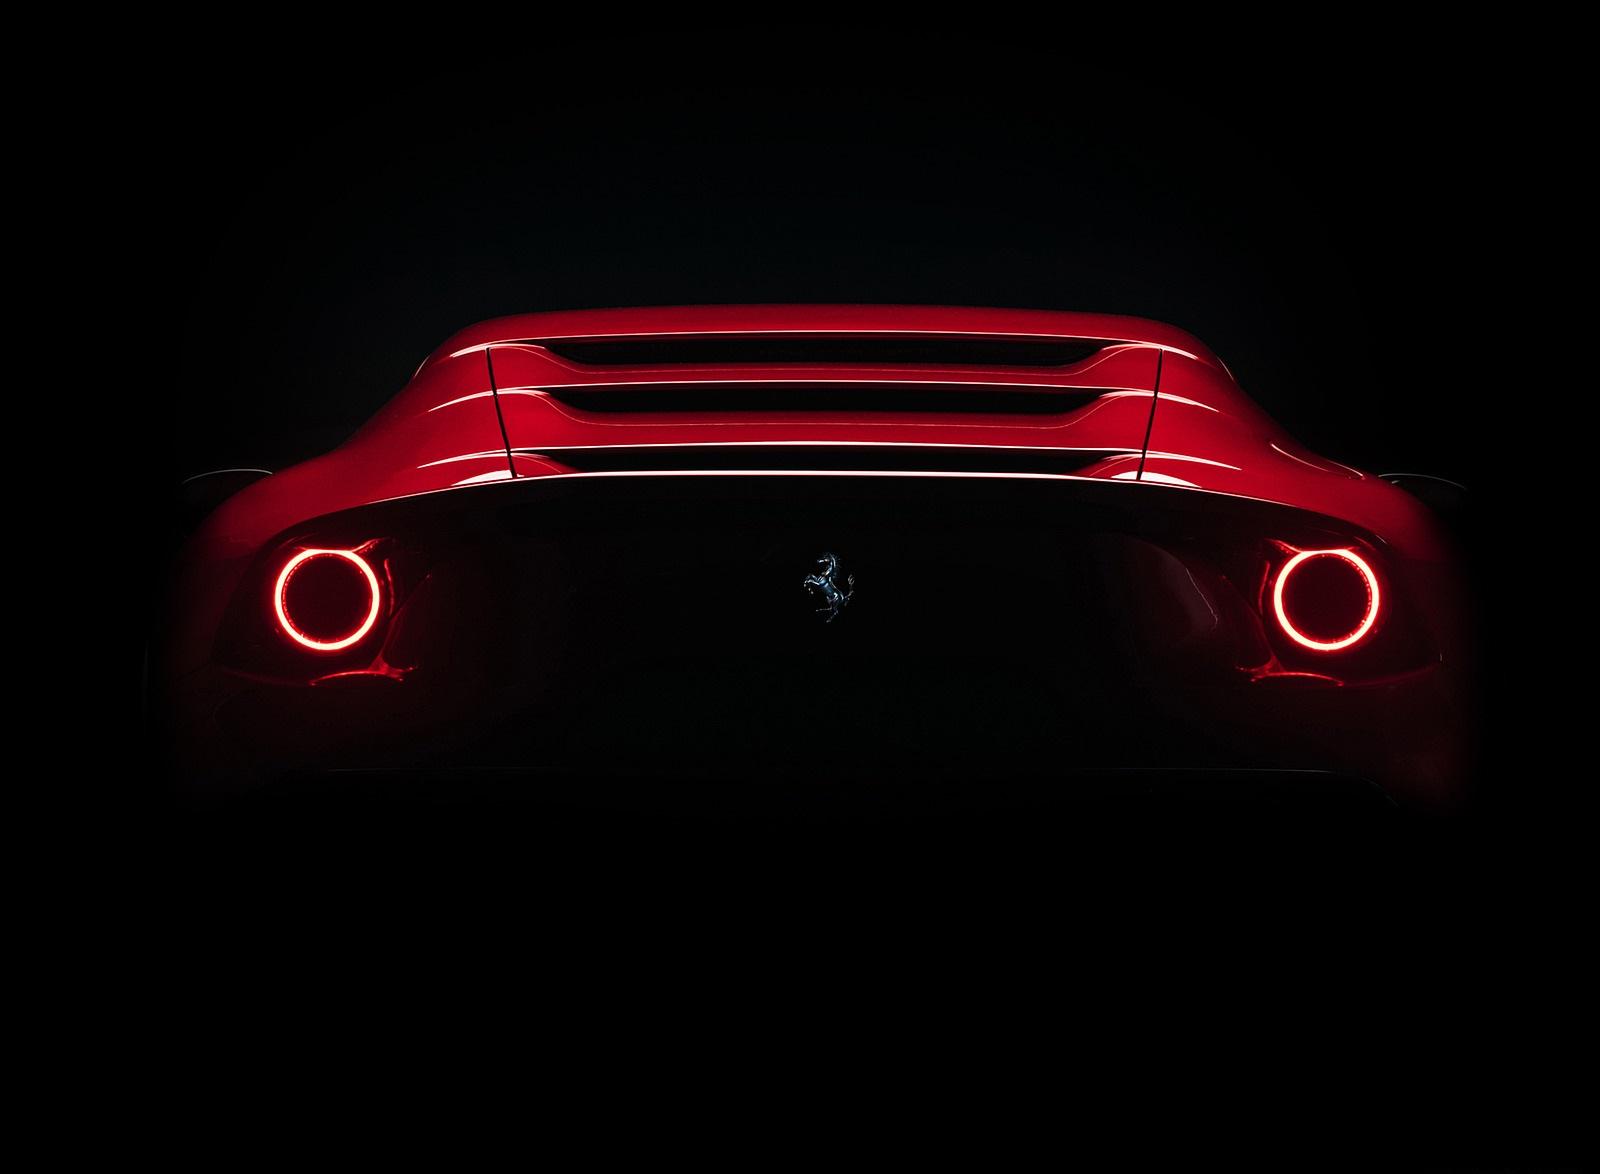 2020 Ferrari Omologata Rear Wallpapers (4)